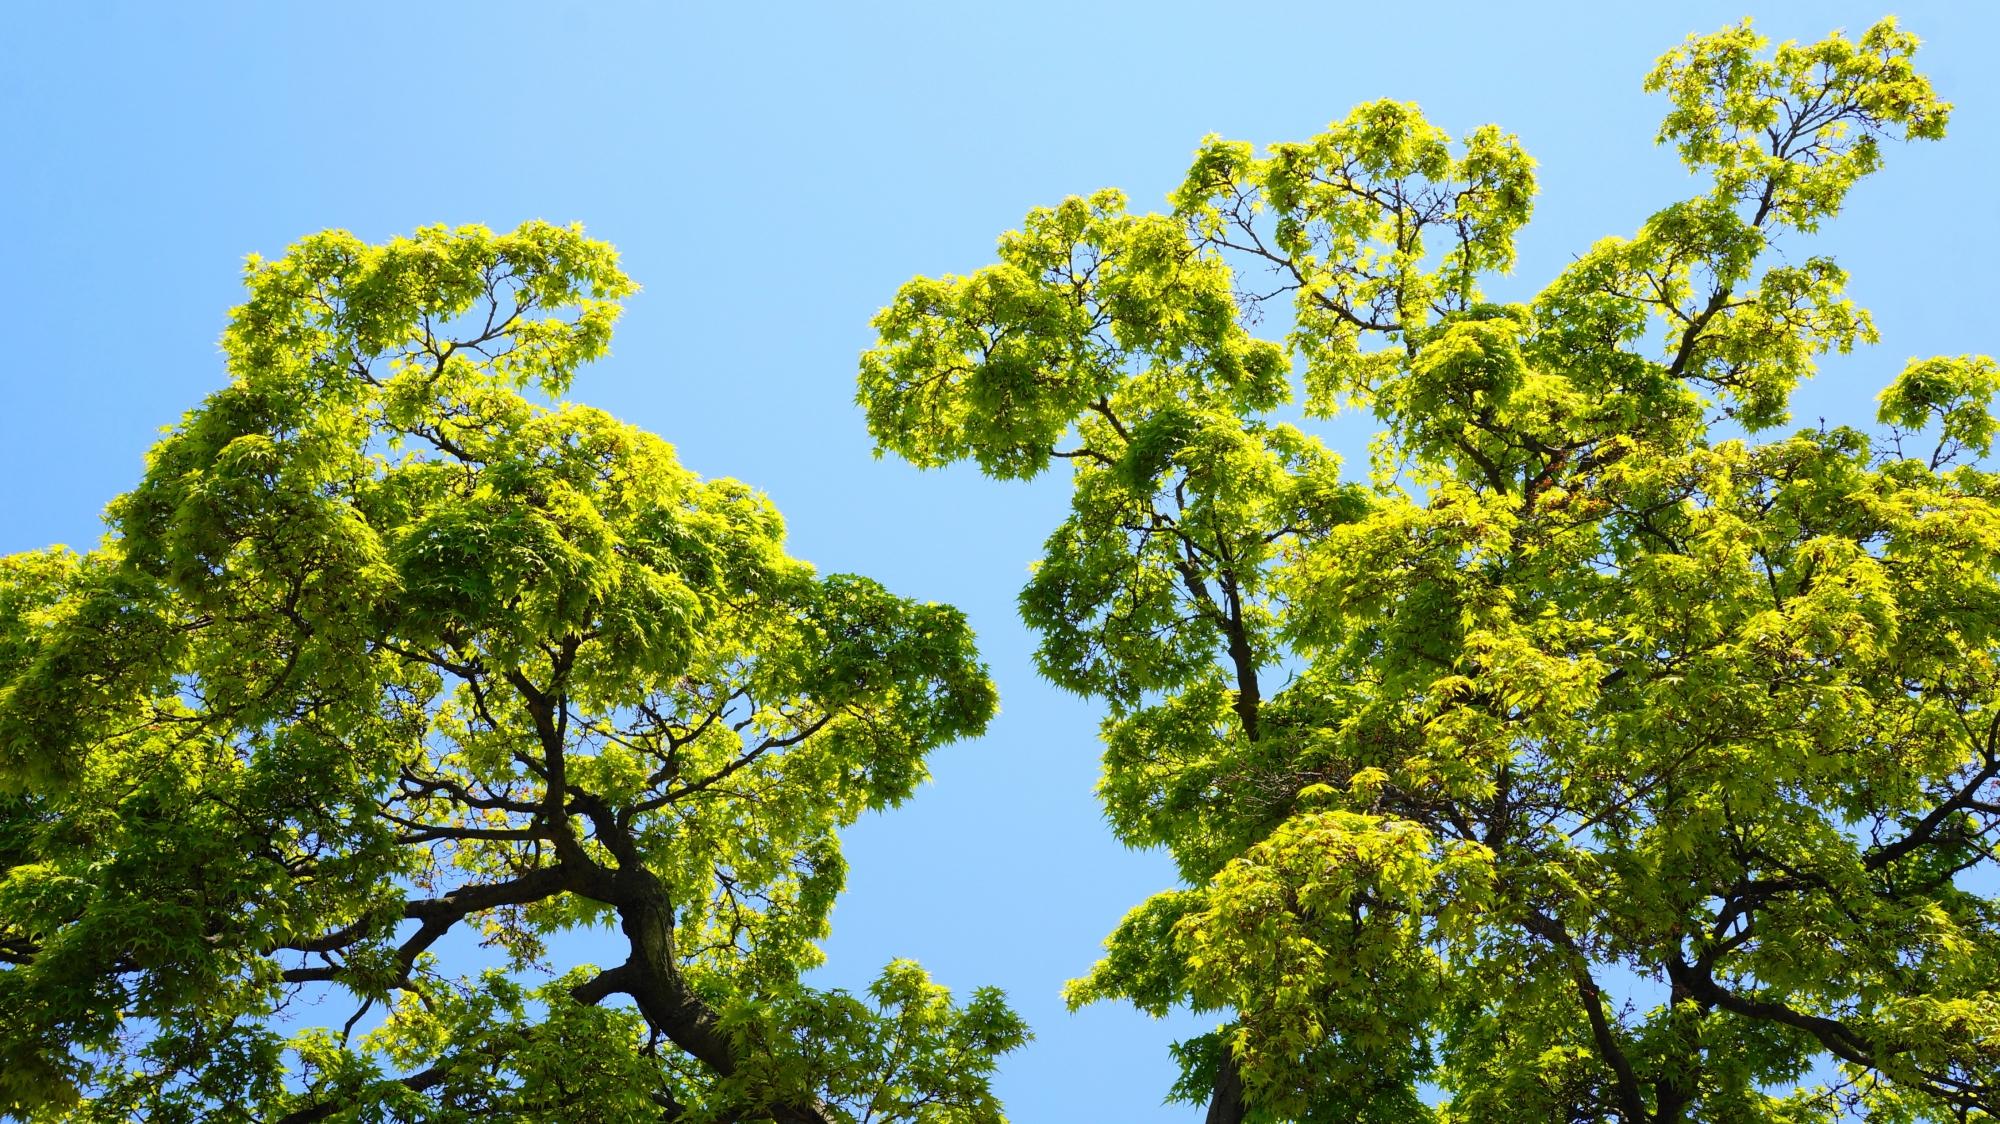 八条ヶ池の綺麗な眩しい緑の新緑や青もみじ